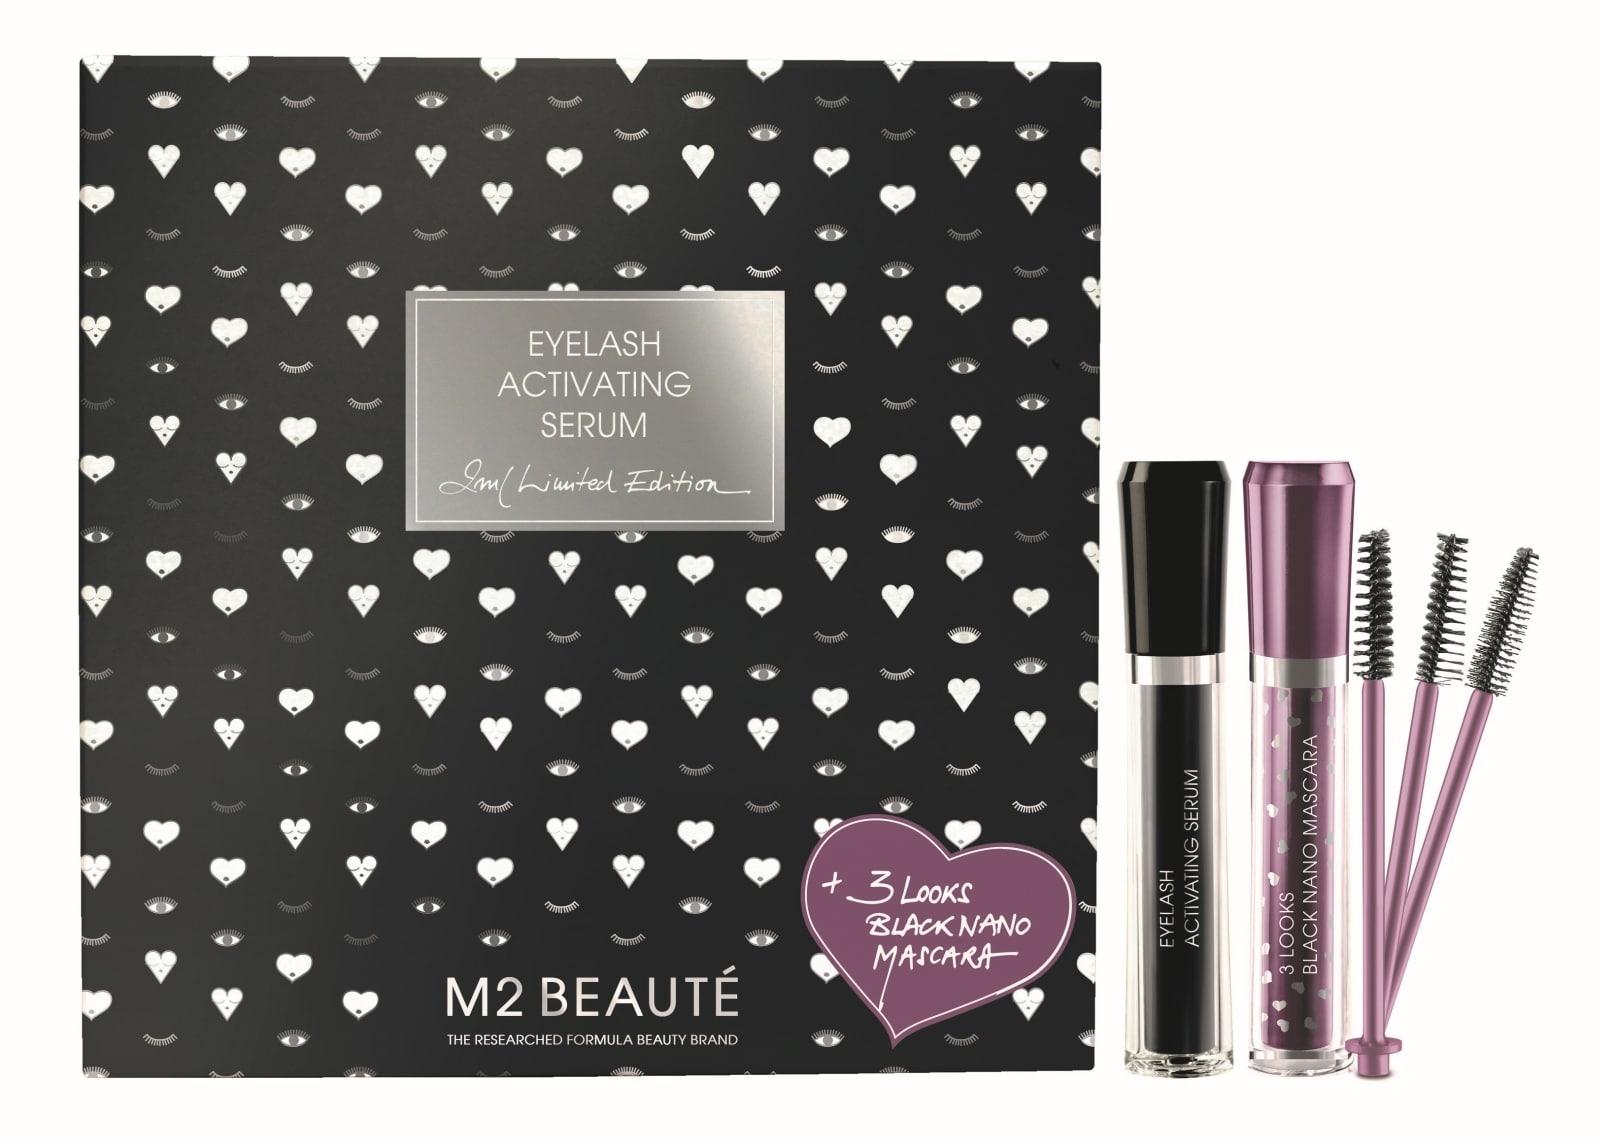 d48dbede3c7 M2 Beauté News: Limited Edition Bundle – The finest Emirates | Luxus ...